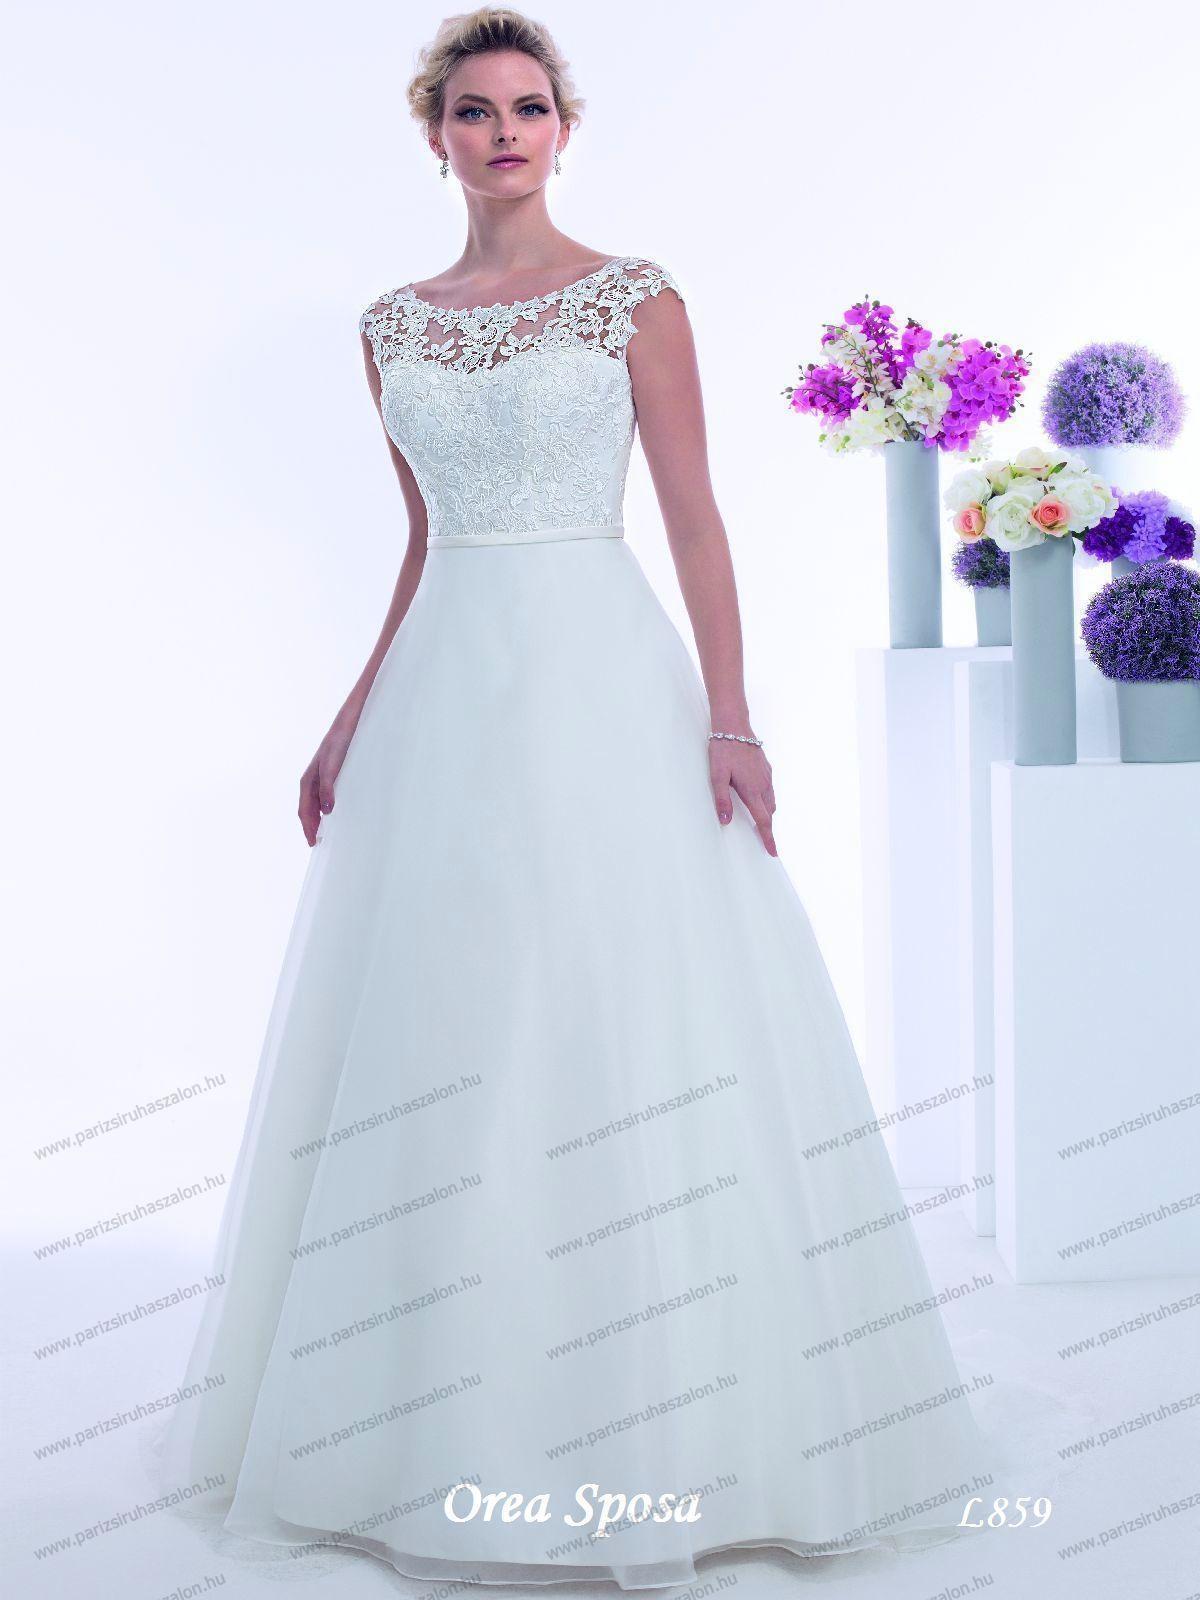 716606d622 Orea Sposa L859 menyasszonyi ruha | OREA SPOSA amerikai esküvői ruhák.  (cikkszám: 69)